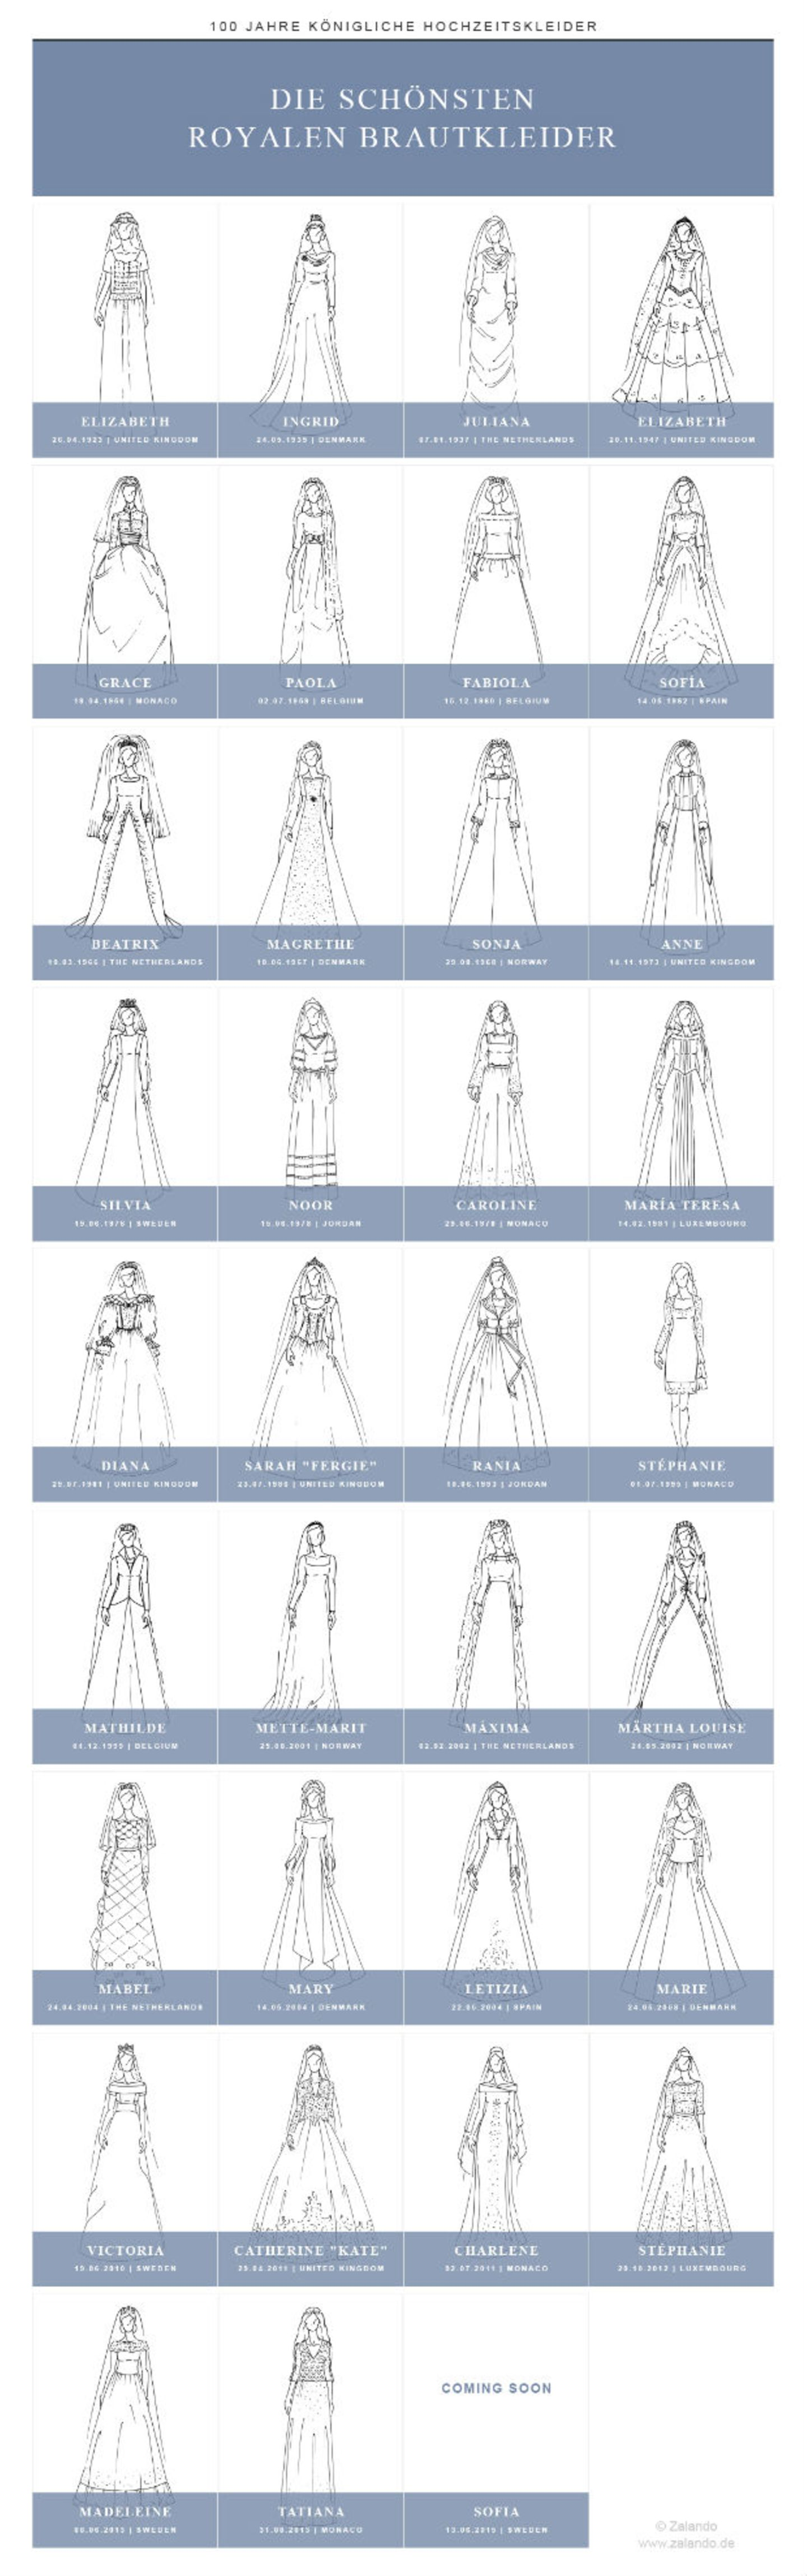 Die Hochzeitskleider der Royals im Wandel der Zeit